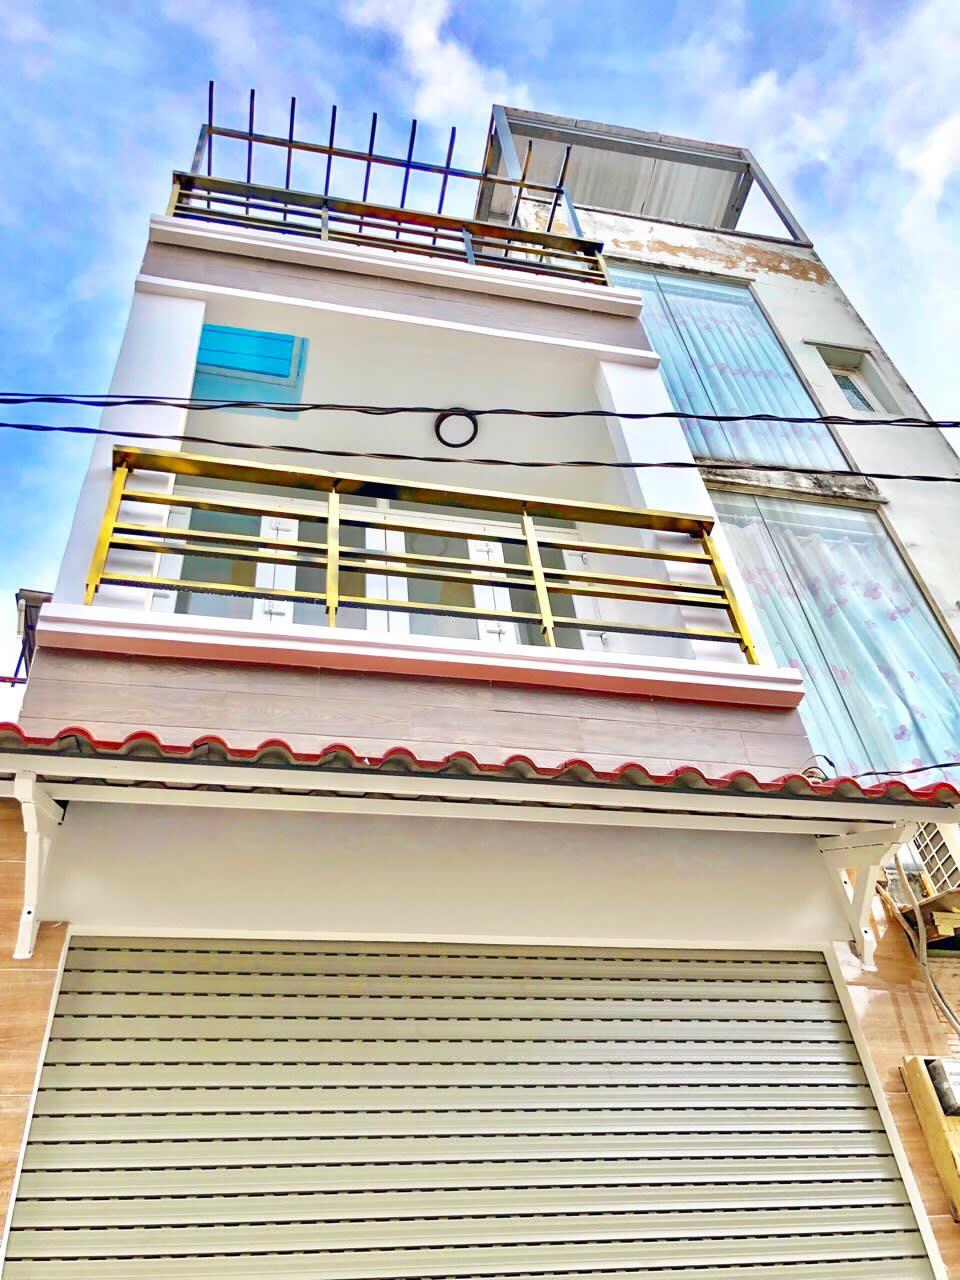 Bán Nhà Quận 7 Hẻm 487 Huỳnh Tấn Phát. Giá Chỉ 2.85 Tỷ Nhà Hẻm Xe Hơi, liền kề PMH